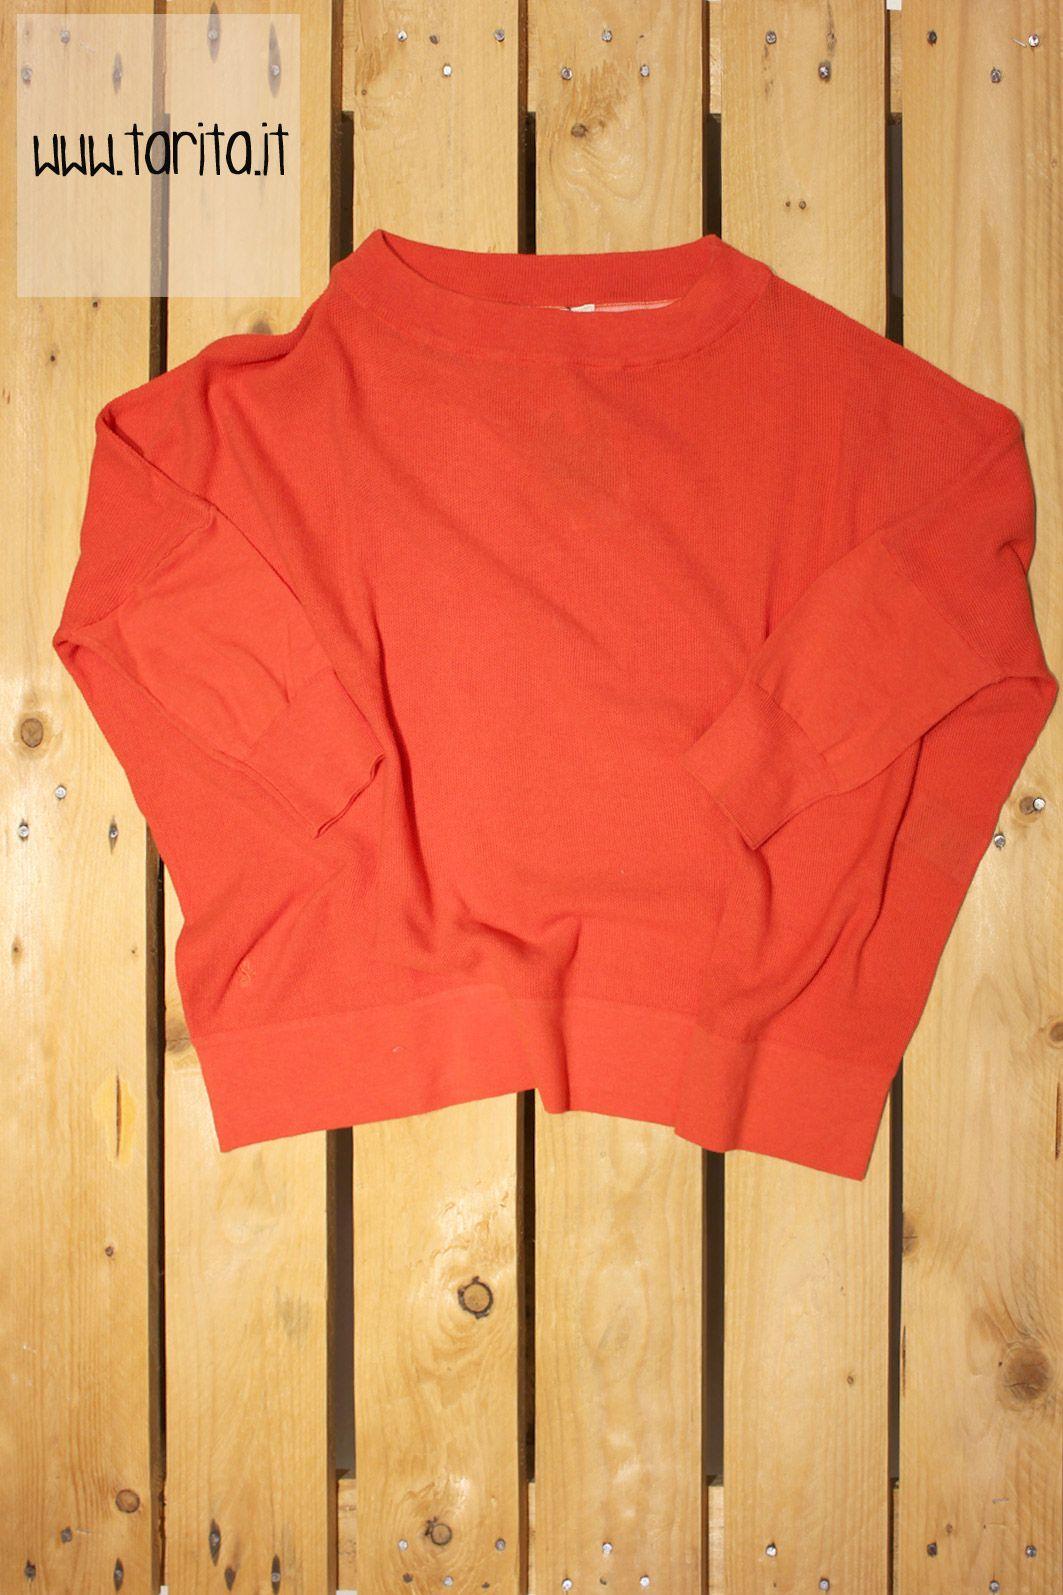 Tarita S/S 2013. Sessùn, loose fit orange top.